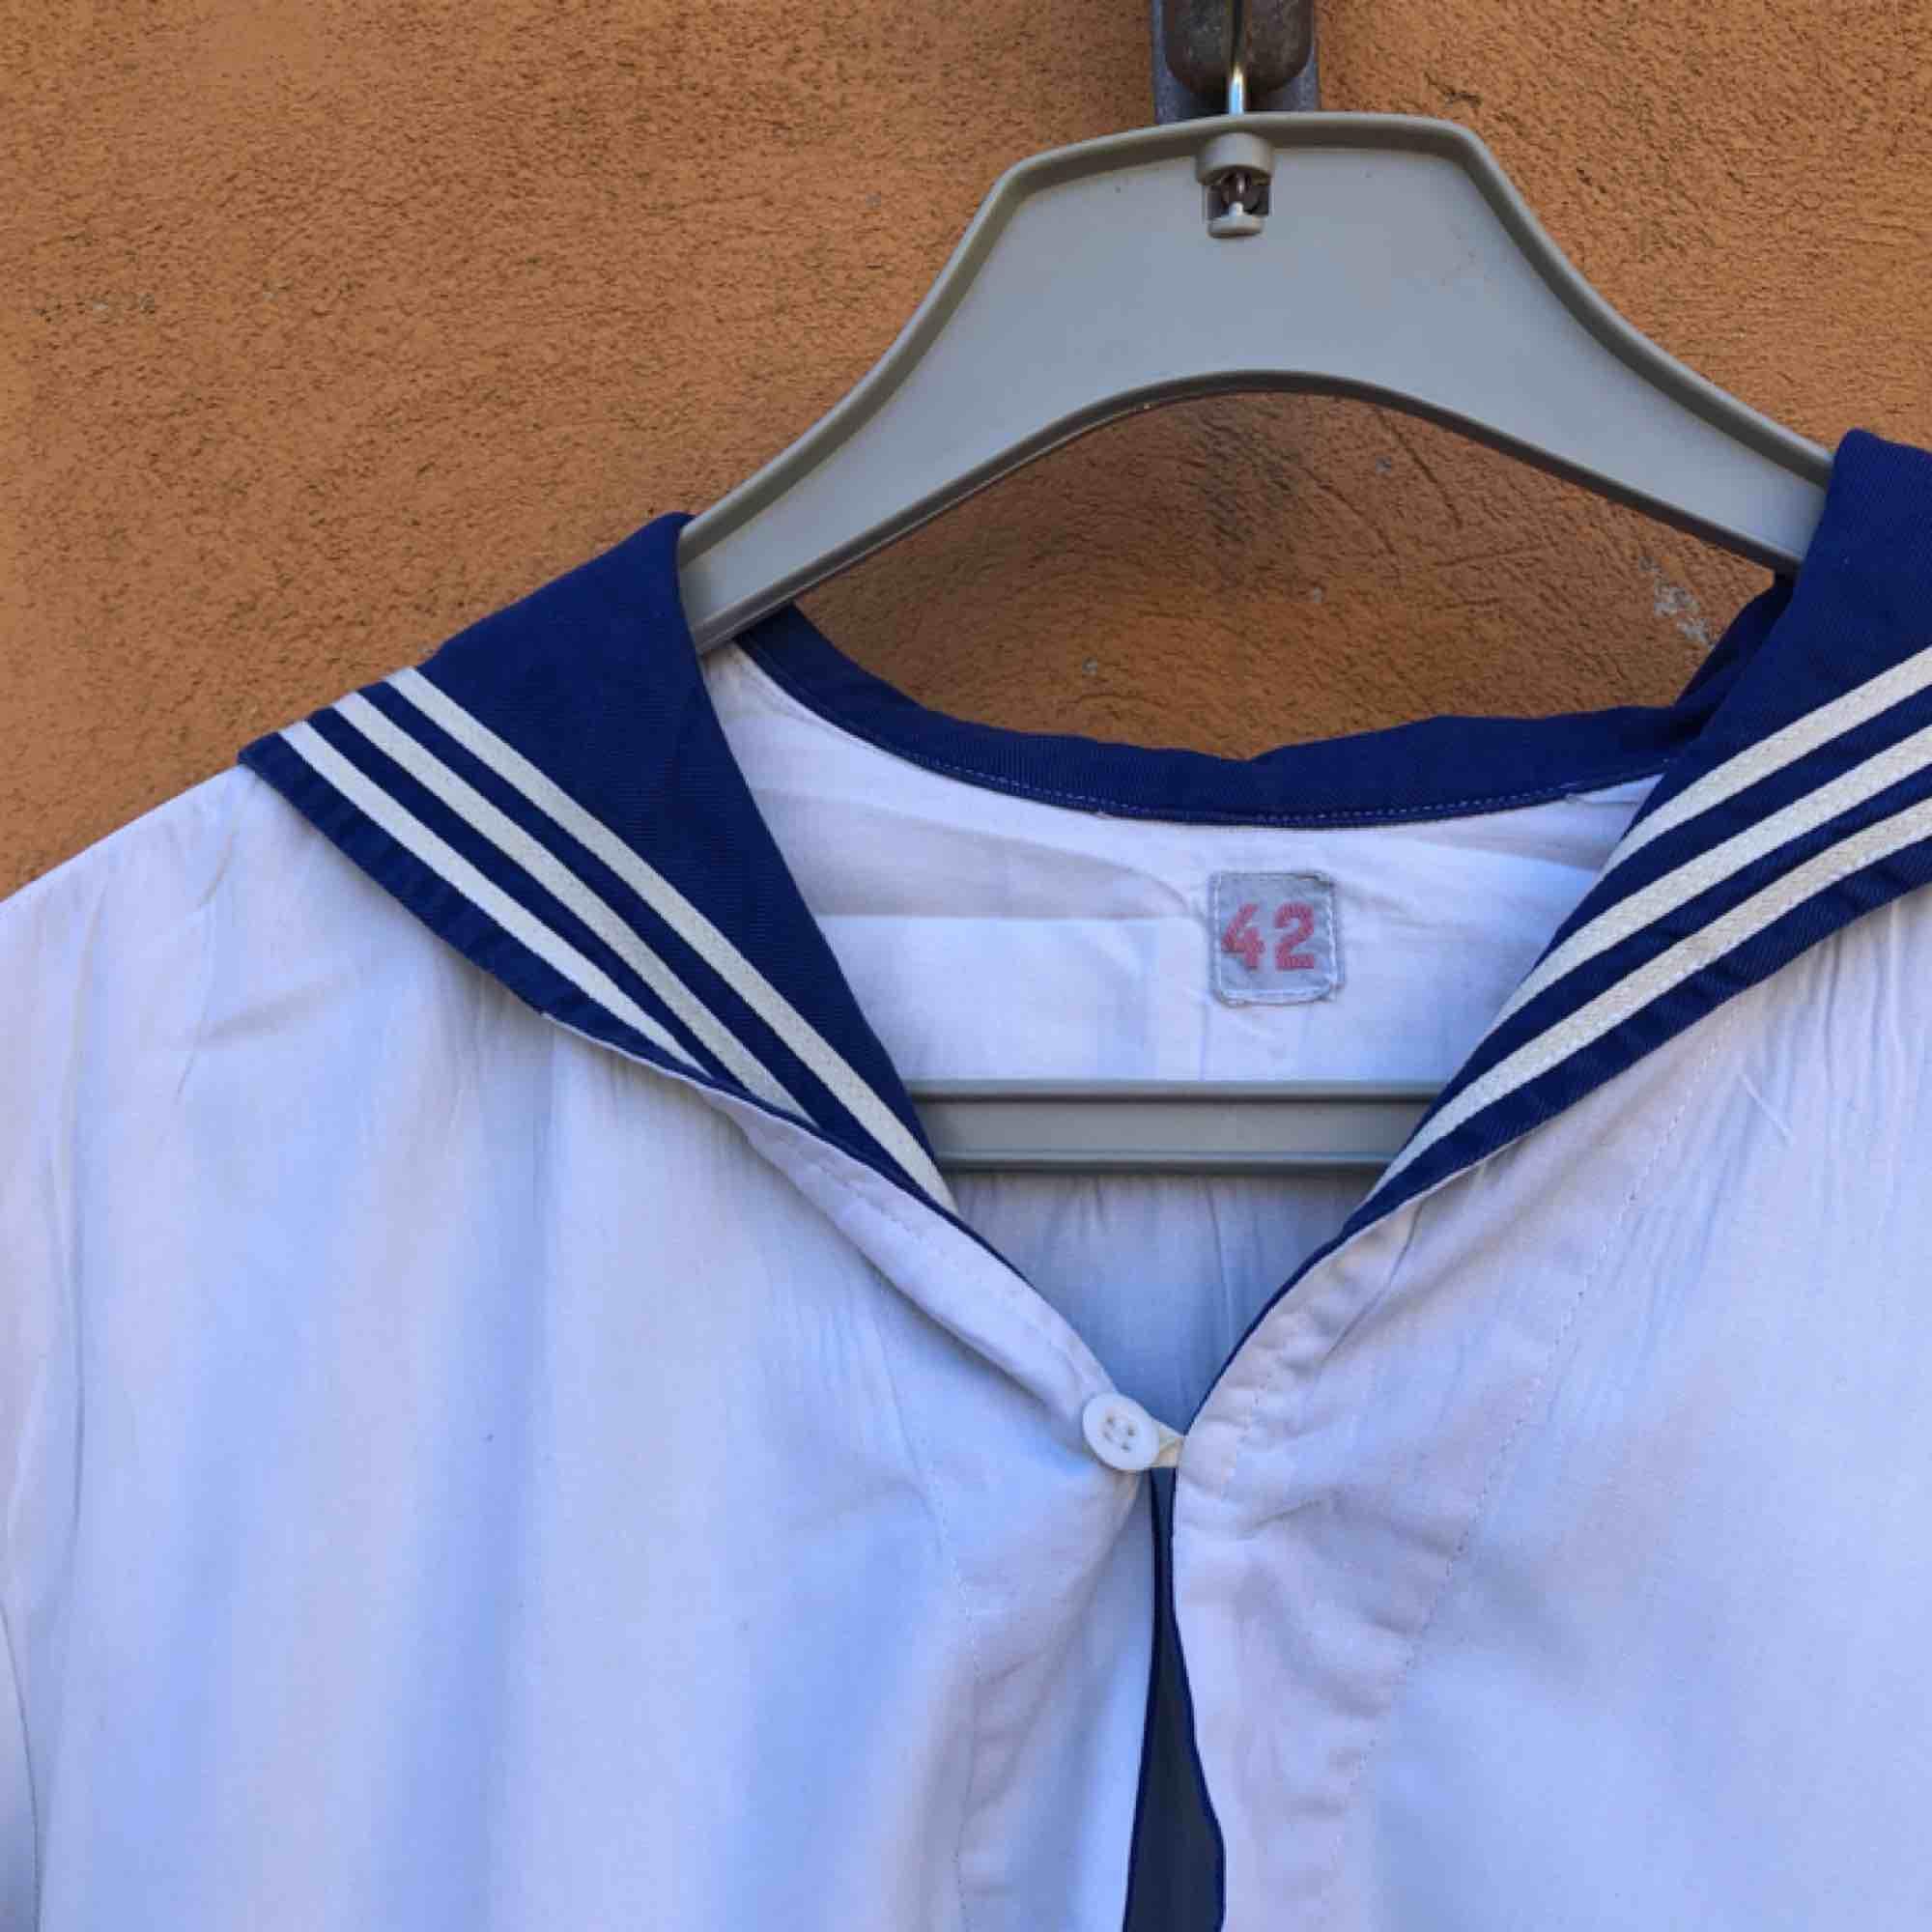 Vintage sjömansskjorta i storlek 42 på lappen. Sitter som en något liten large. Vintage och väl använd så några mindre fläckar på rygg samt slitage mm finns. fläckar  kanske går bort om man skrubbar. Trots detta trevligt vintage skick. Skjortor.